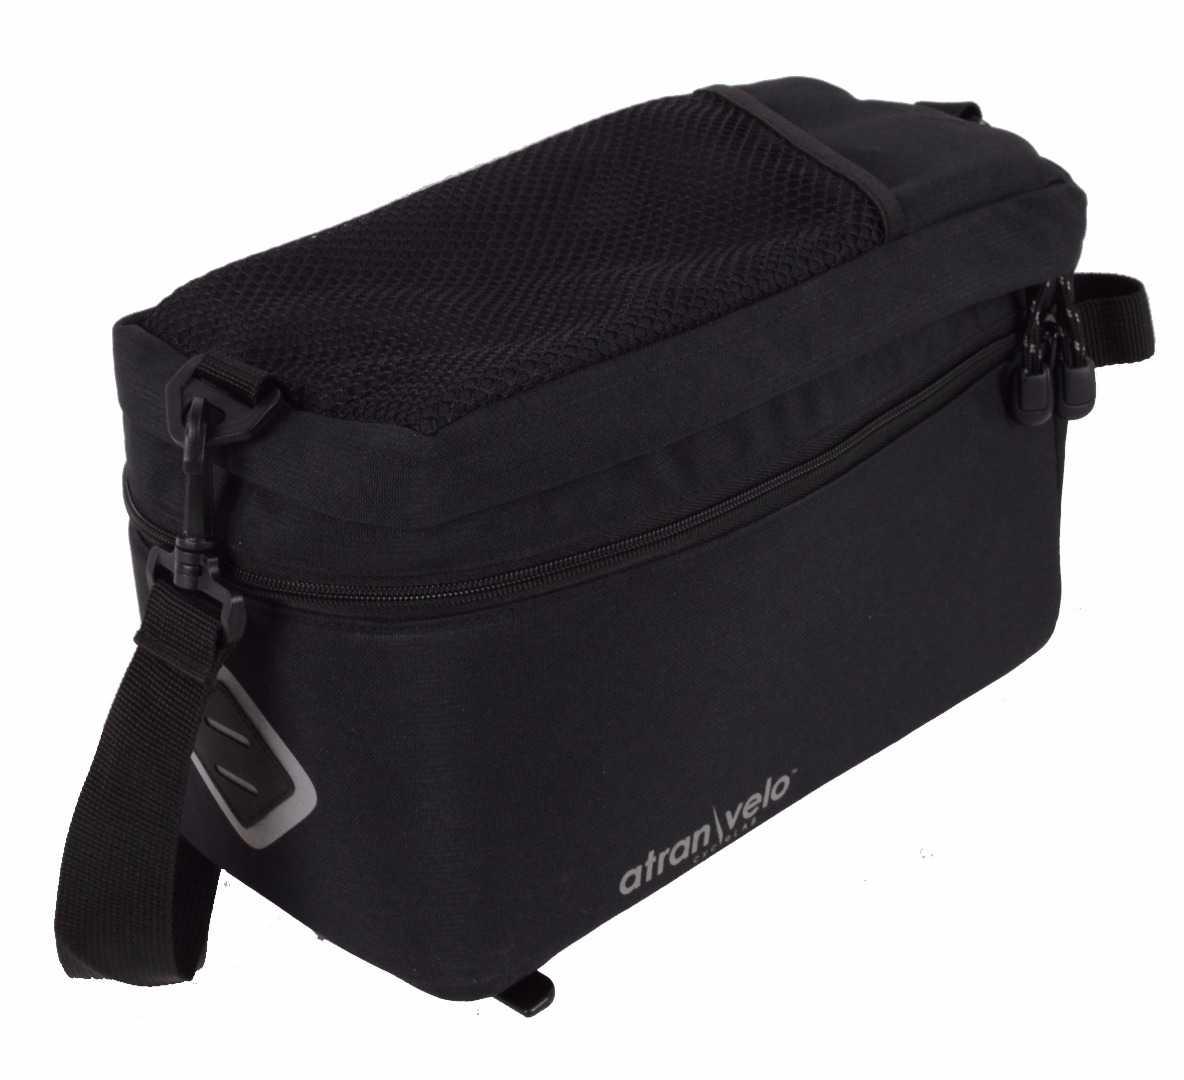 Pakningstaske Atran Velo ZAP Easy Top Bag 11.5 l sort   Travel bags